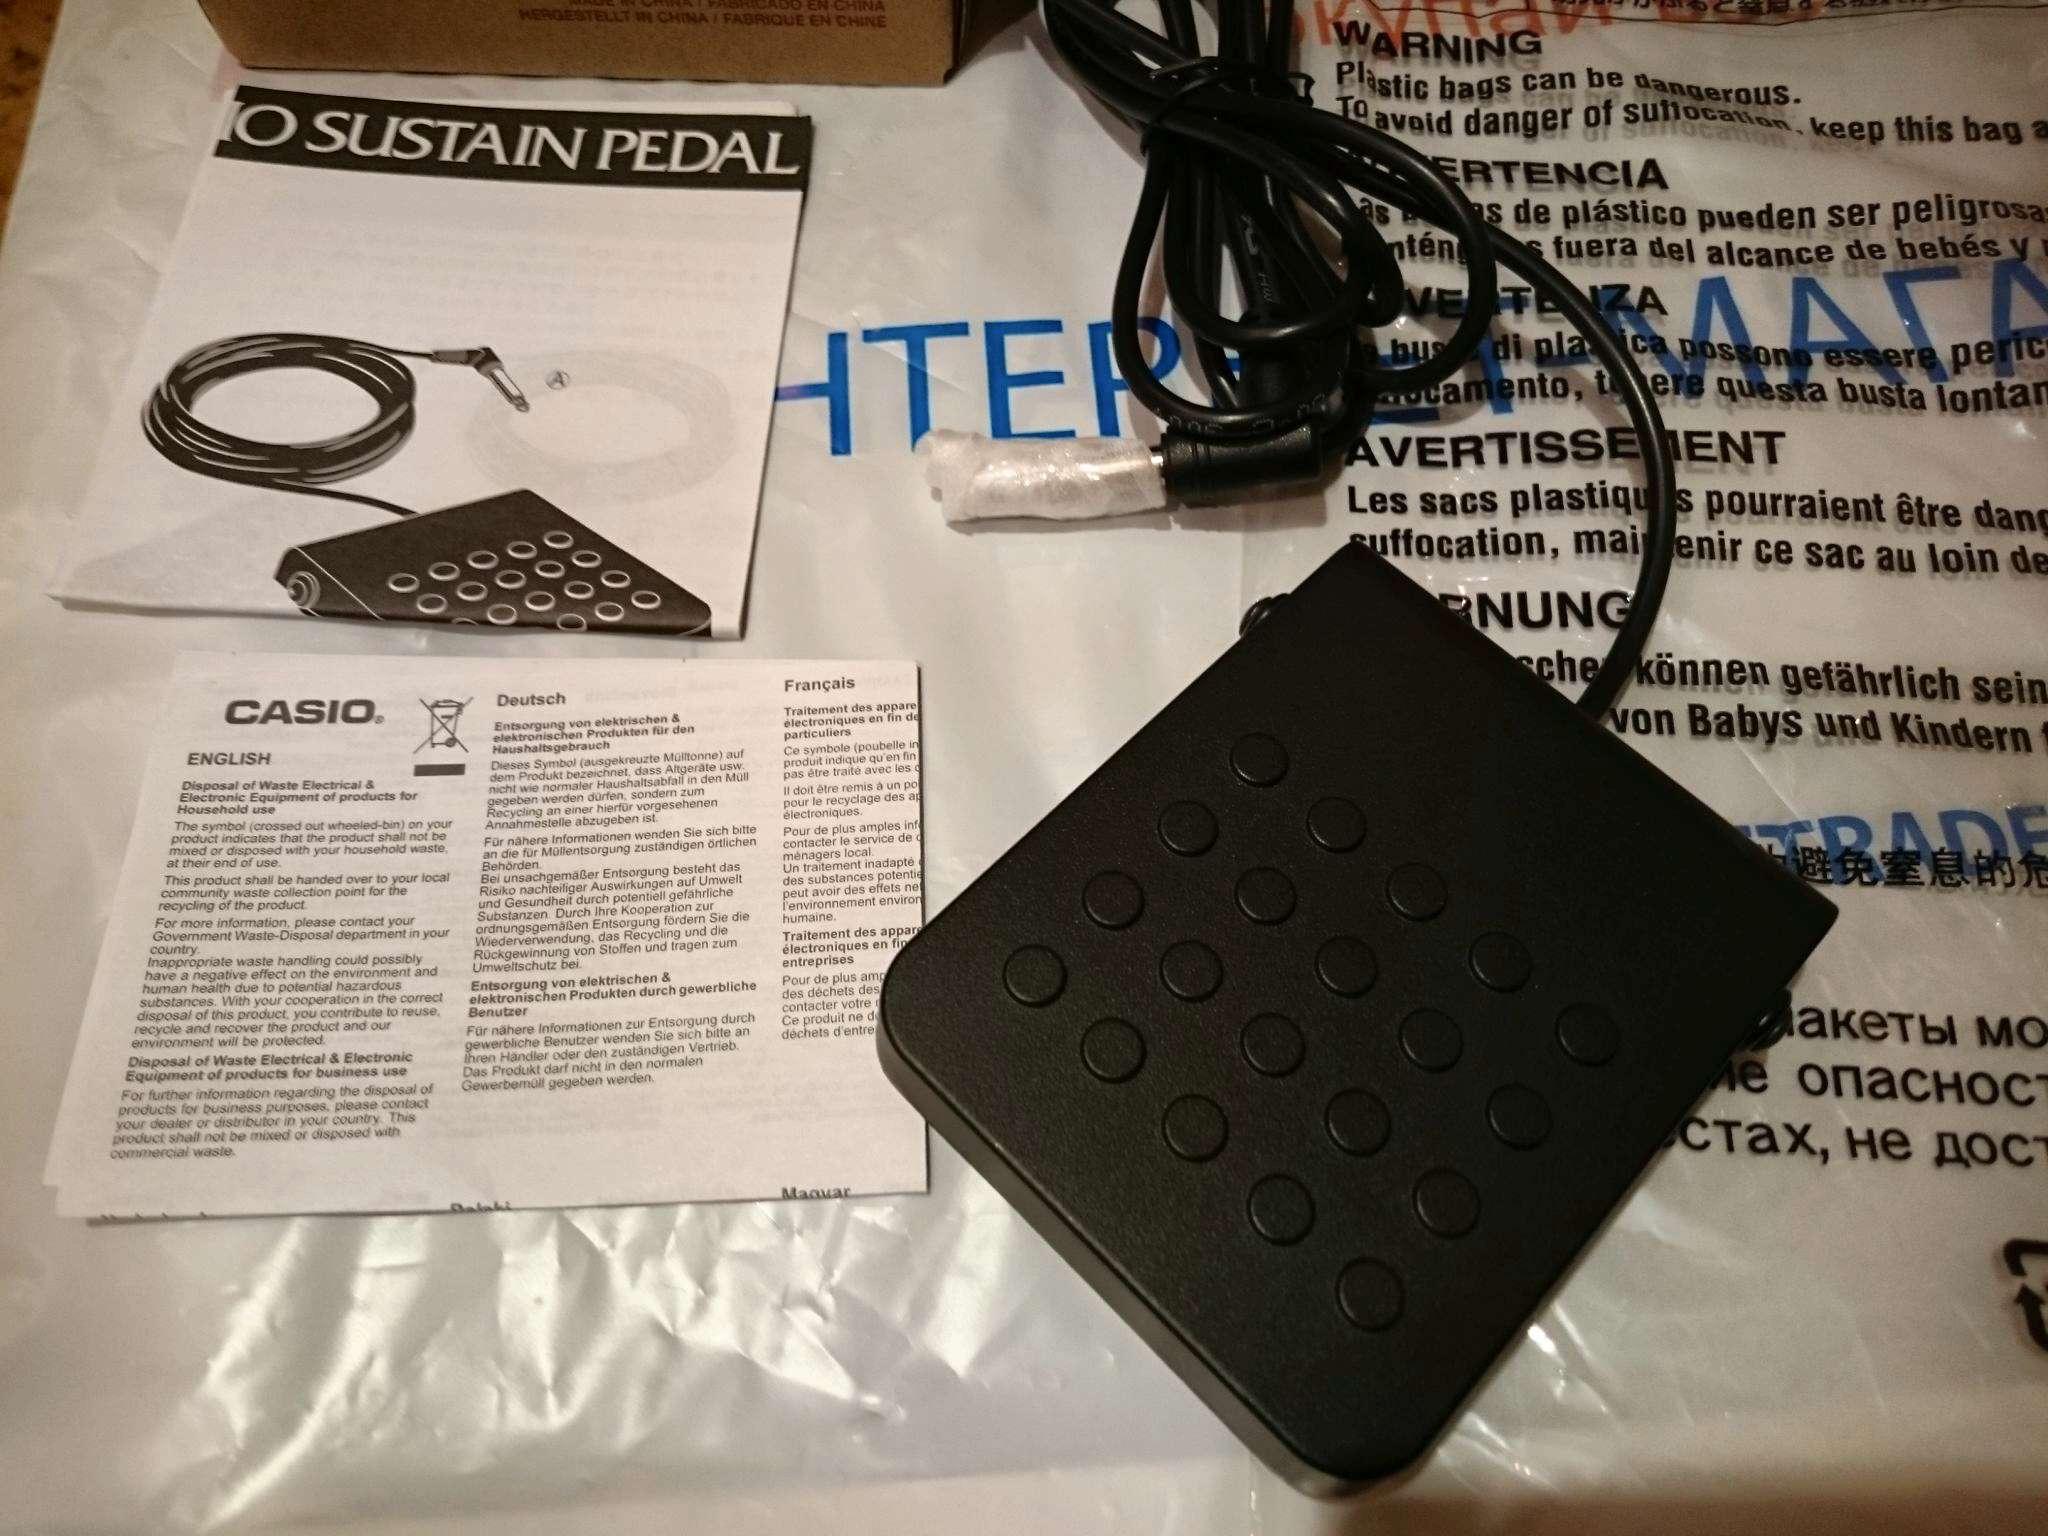 dae68ed0ee0 pedal susteyn casio sp 3h 1511359986 1.jpg  pedal susteyn casio sp 3h 1511360086 1.jpg ...